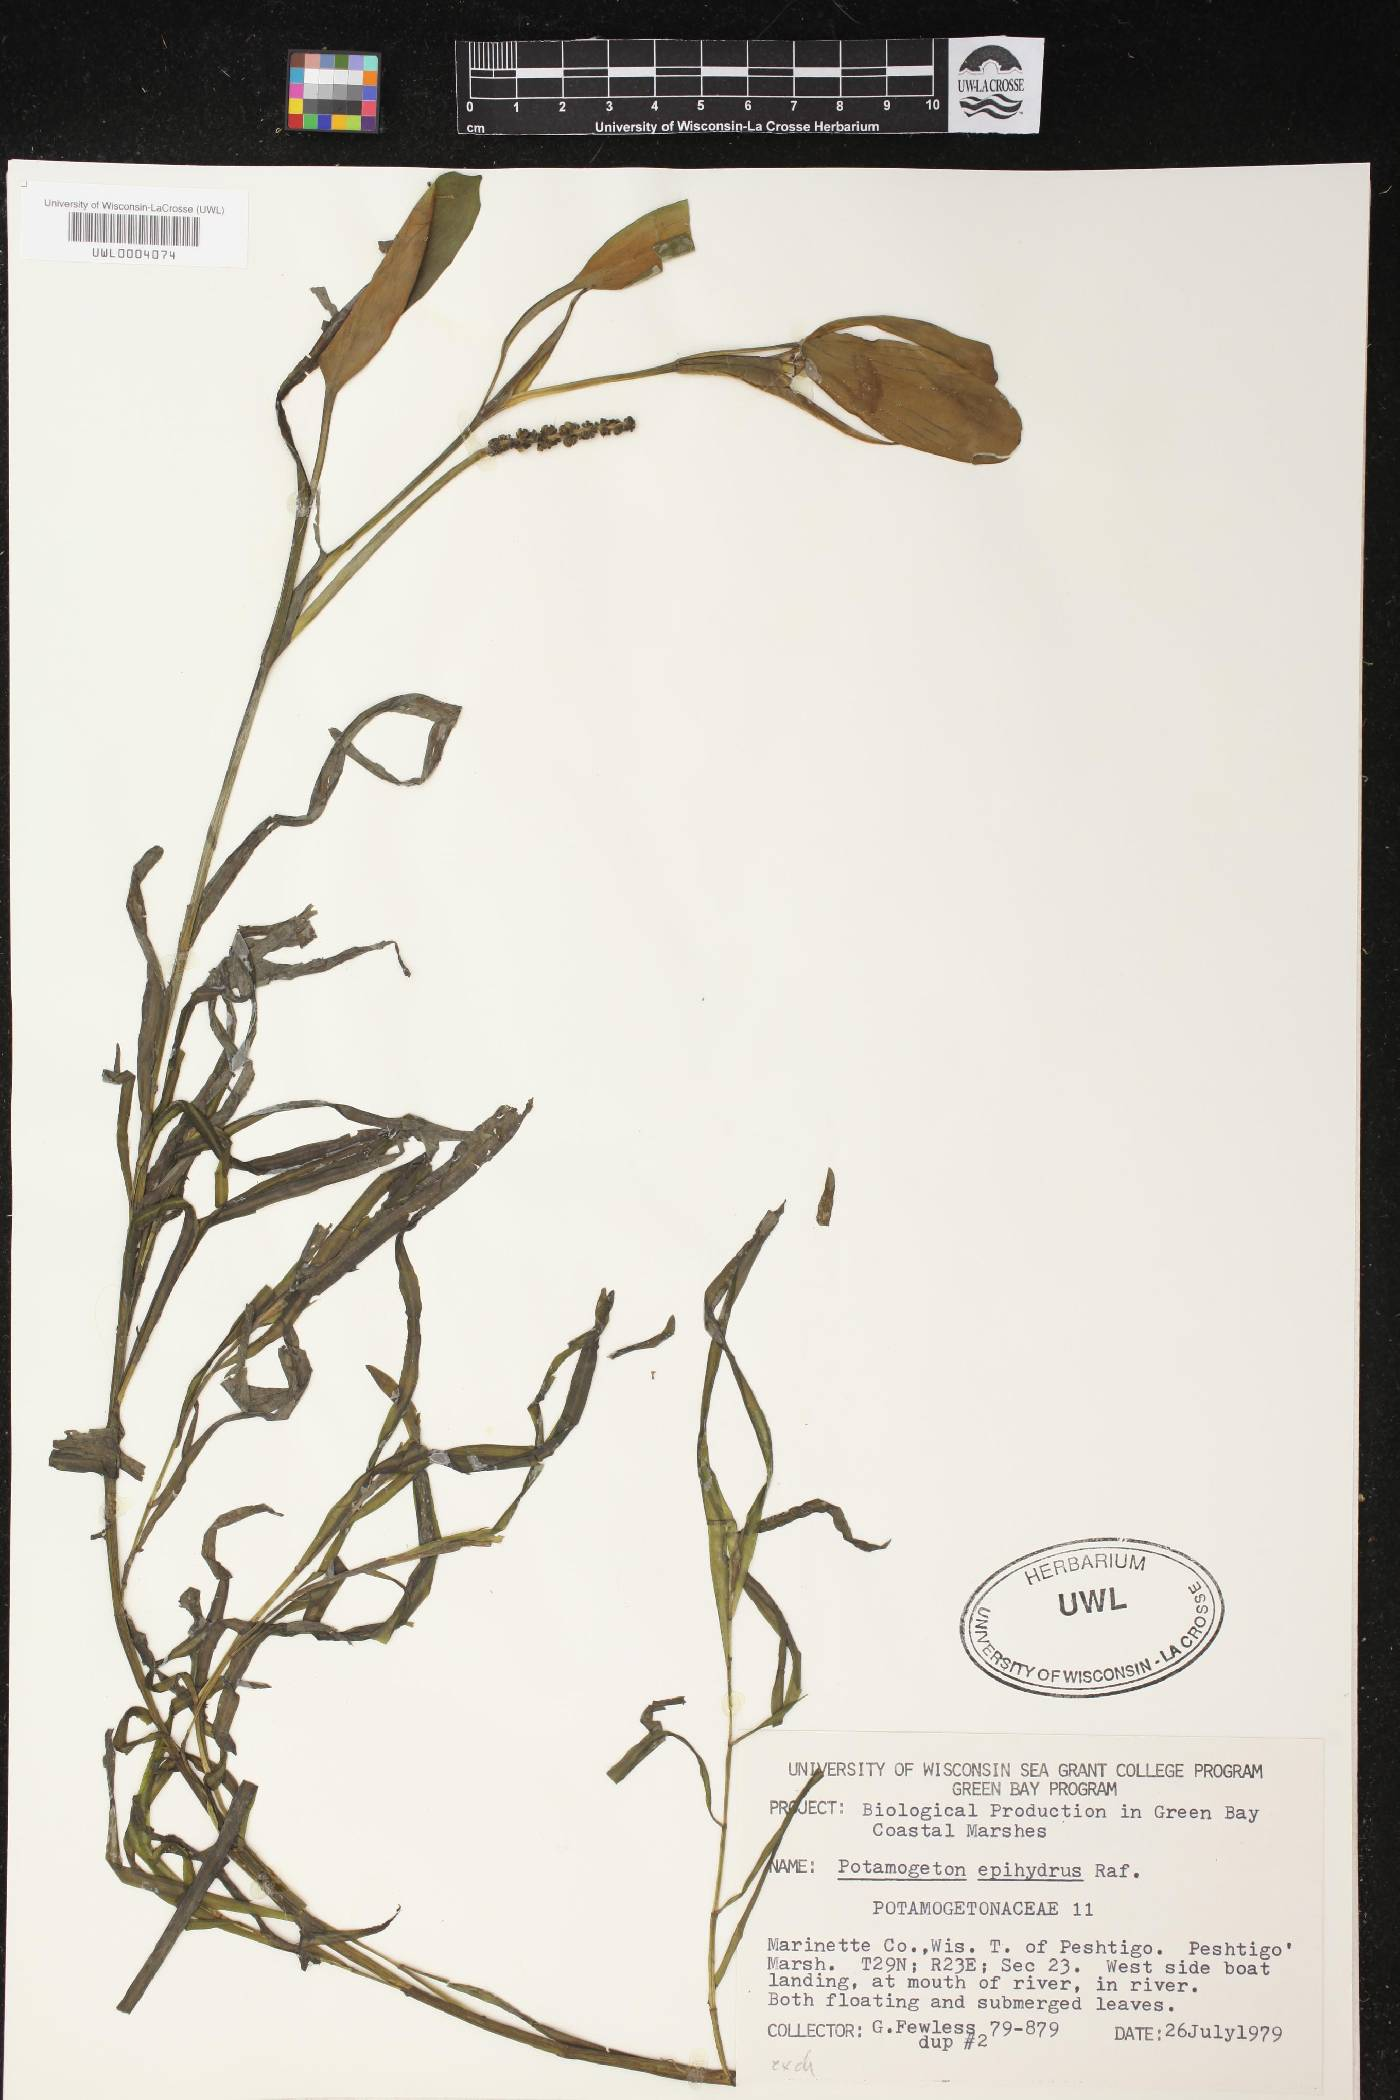 Potamogeton epihydrus image